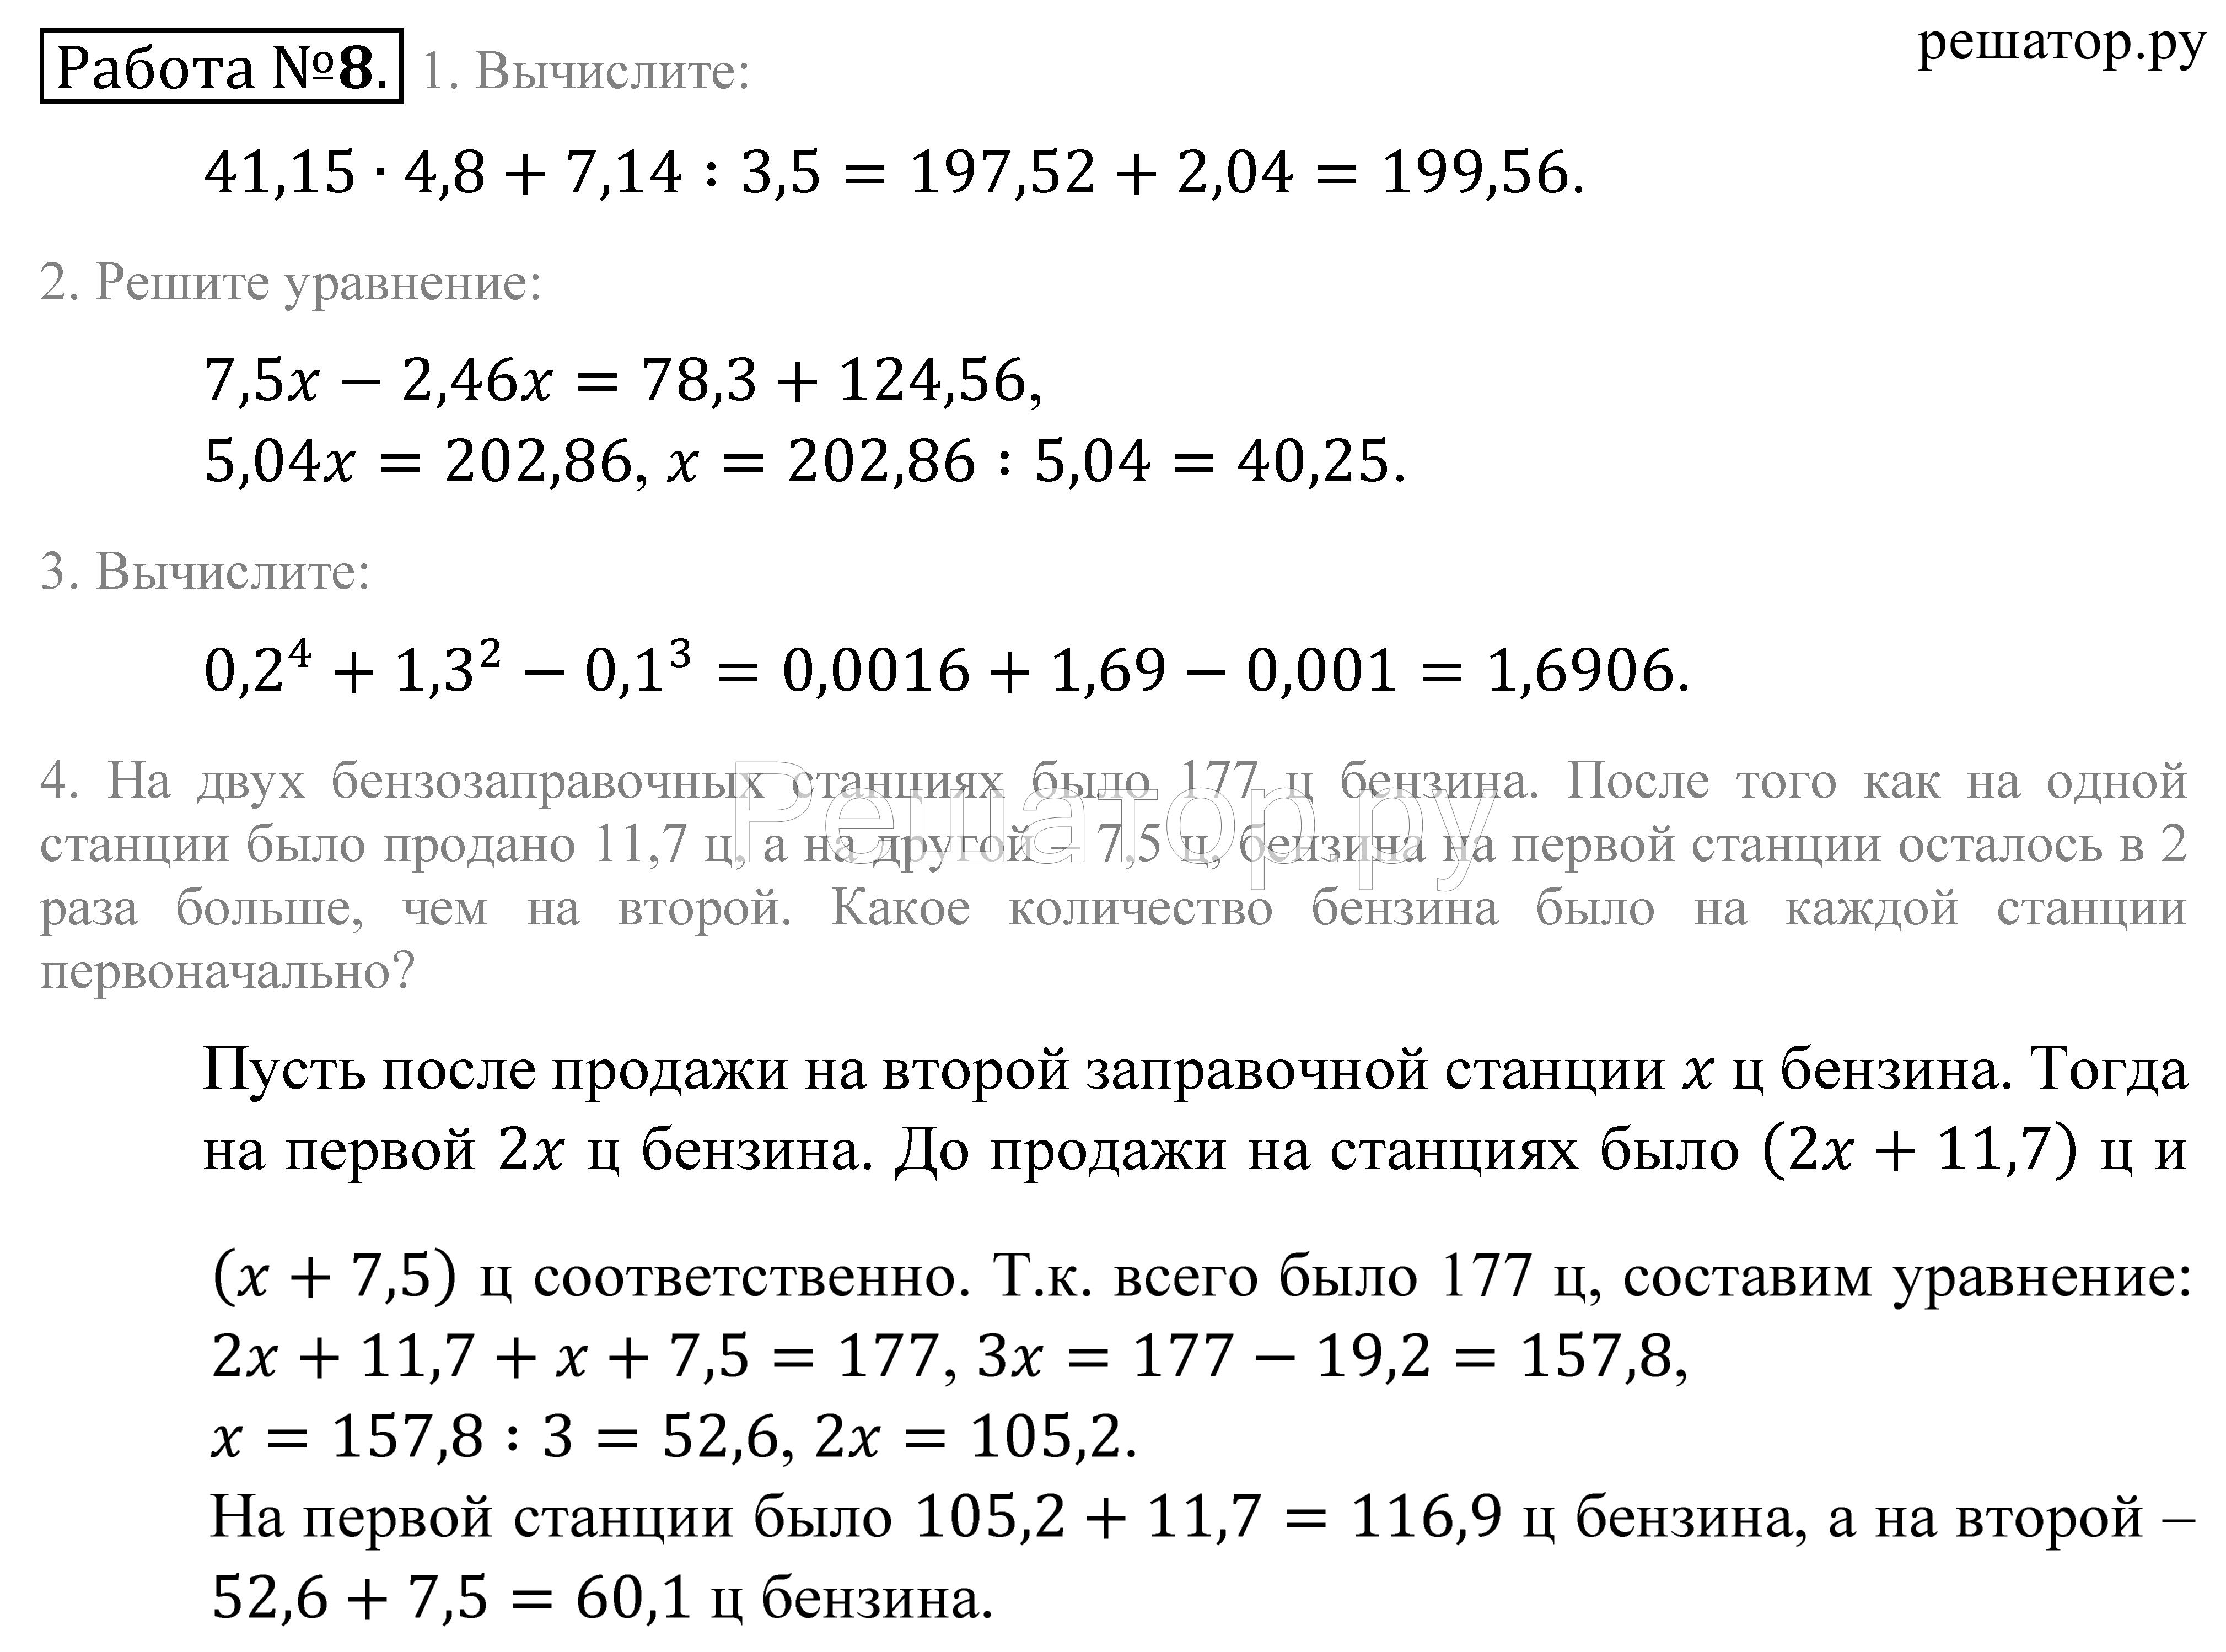 Гдз по математике 5 класс зубарева домашние контрольные работы 5